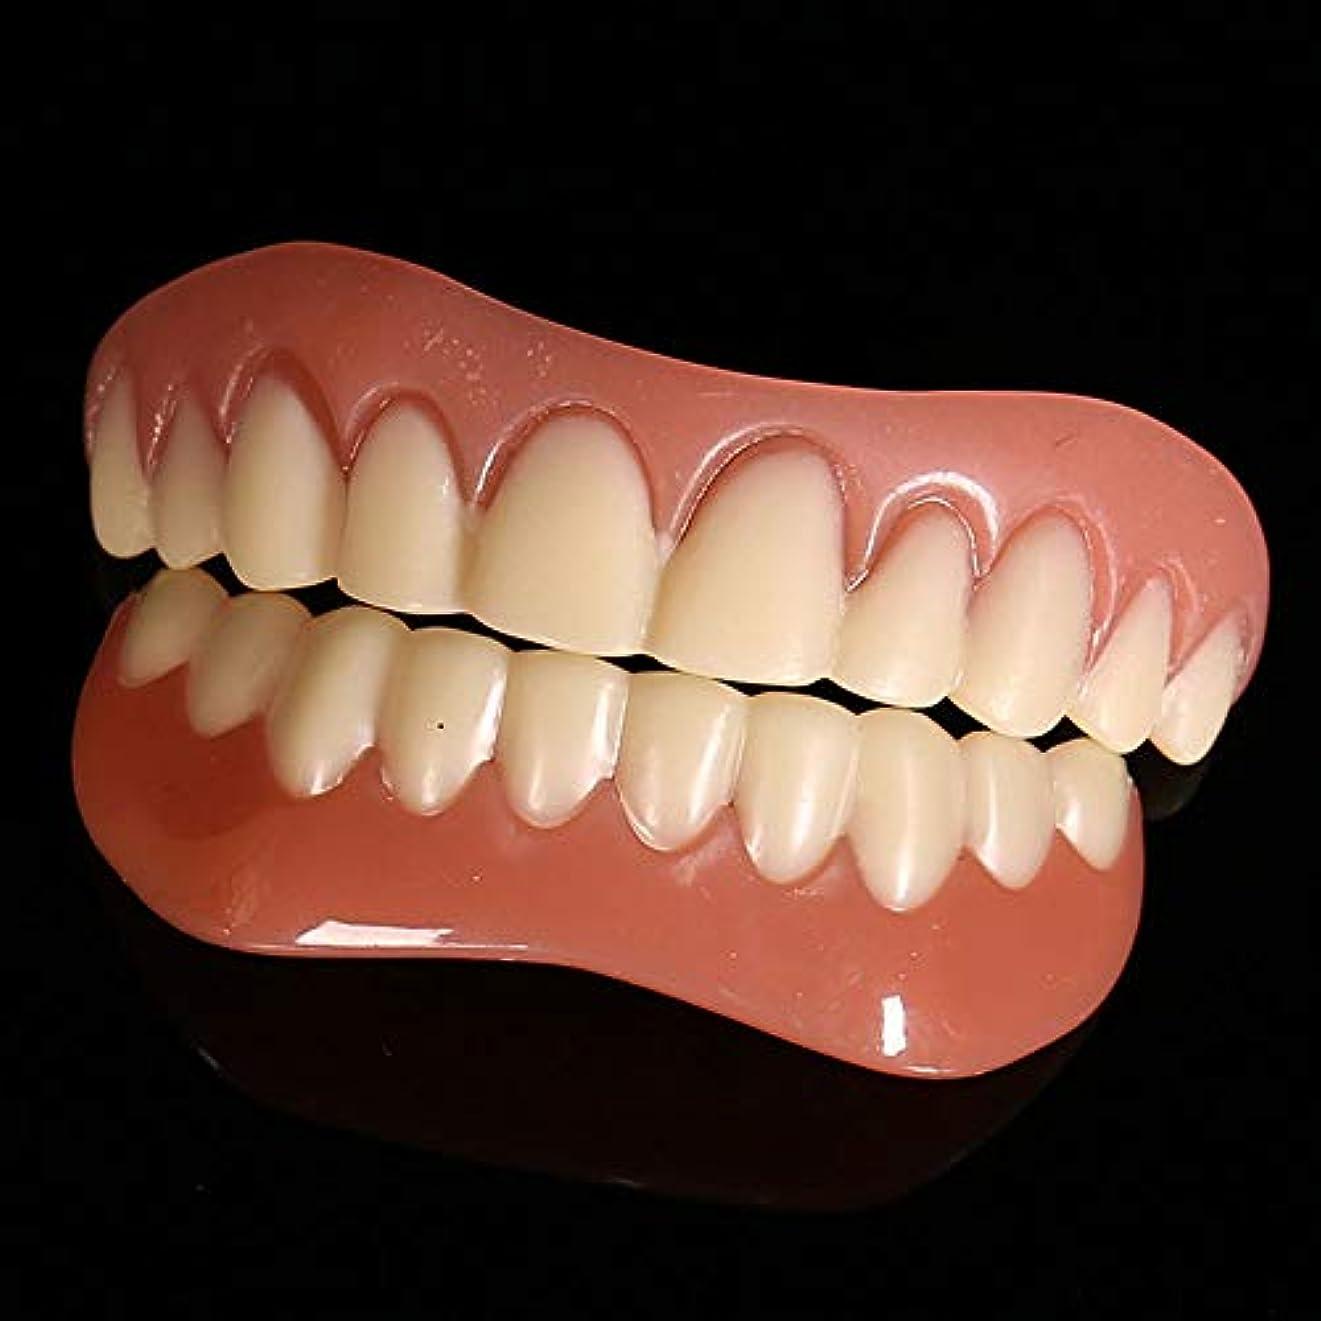 確かな娘パキスタン人義歯シミュレーション入れ歯の6セットは、シリコーン現実的なホワイトニング中括弧を使用してサイクルを洗浄することができます